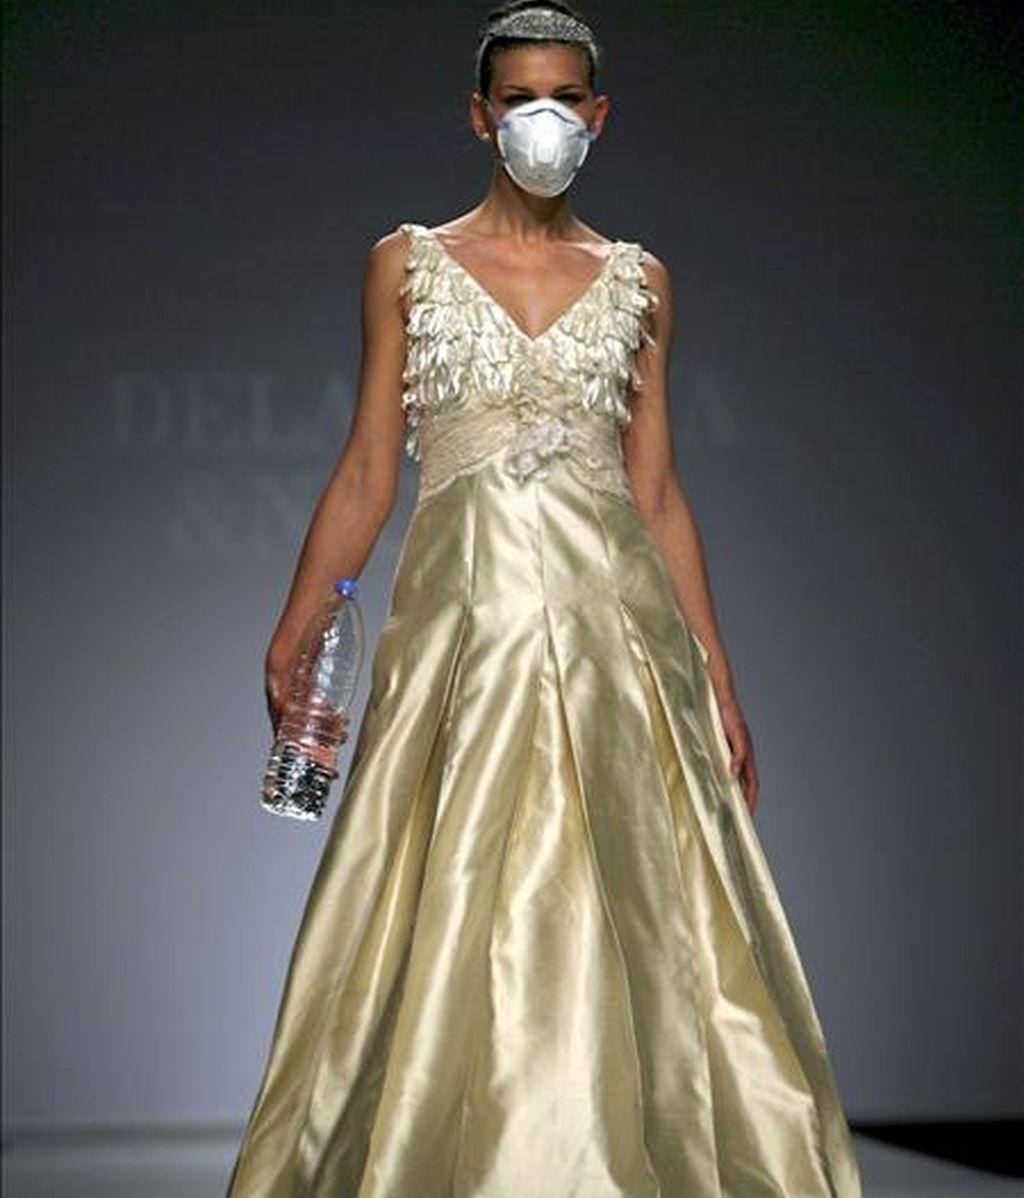 El salón de moda nupcial Barcelona Bridal Week ha cerrado hoy las puertas de su 19ª edición con la visita de cerca de 13.000 profesionales vinculados al sector, el 60% de ellos extranjeros. EFE/Archivo